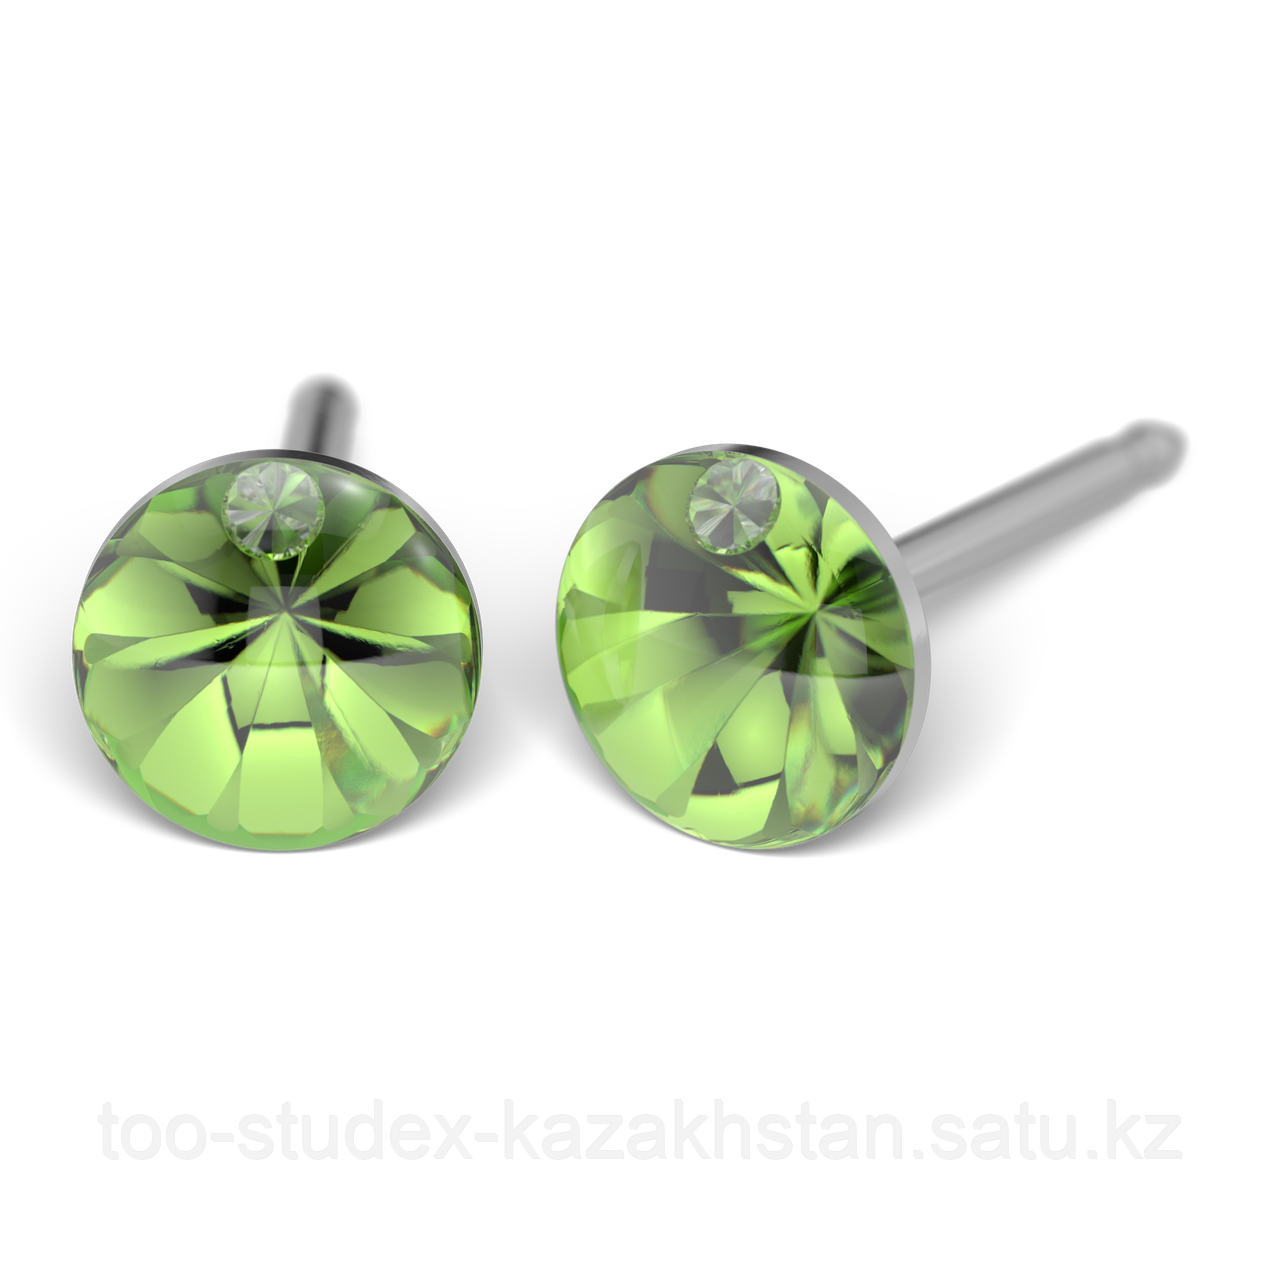 Серьги для прокола STUDEX System75 Зеленый кристалл с цирконом - фото 1